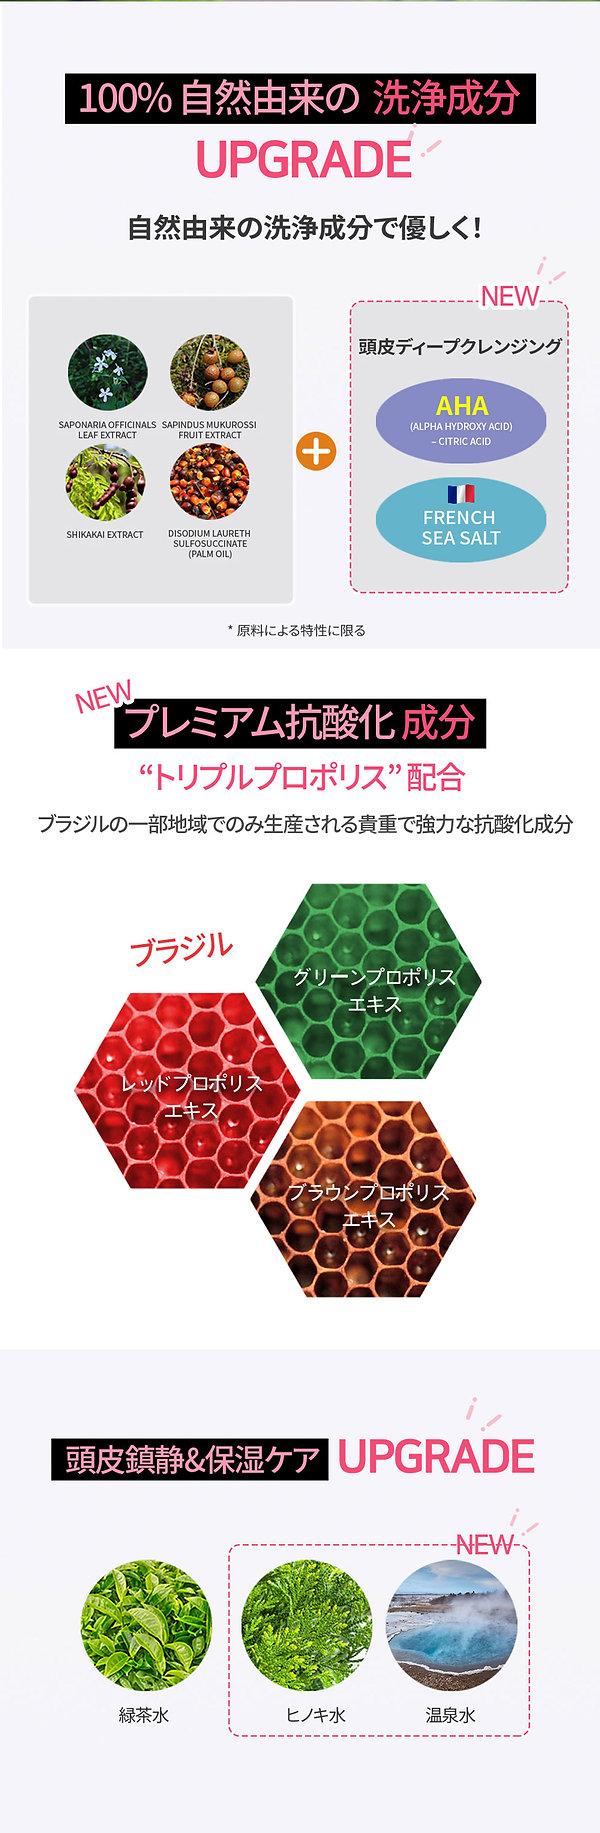 프레스티지샴푸-(일본어)-4.jpg